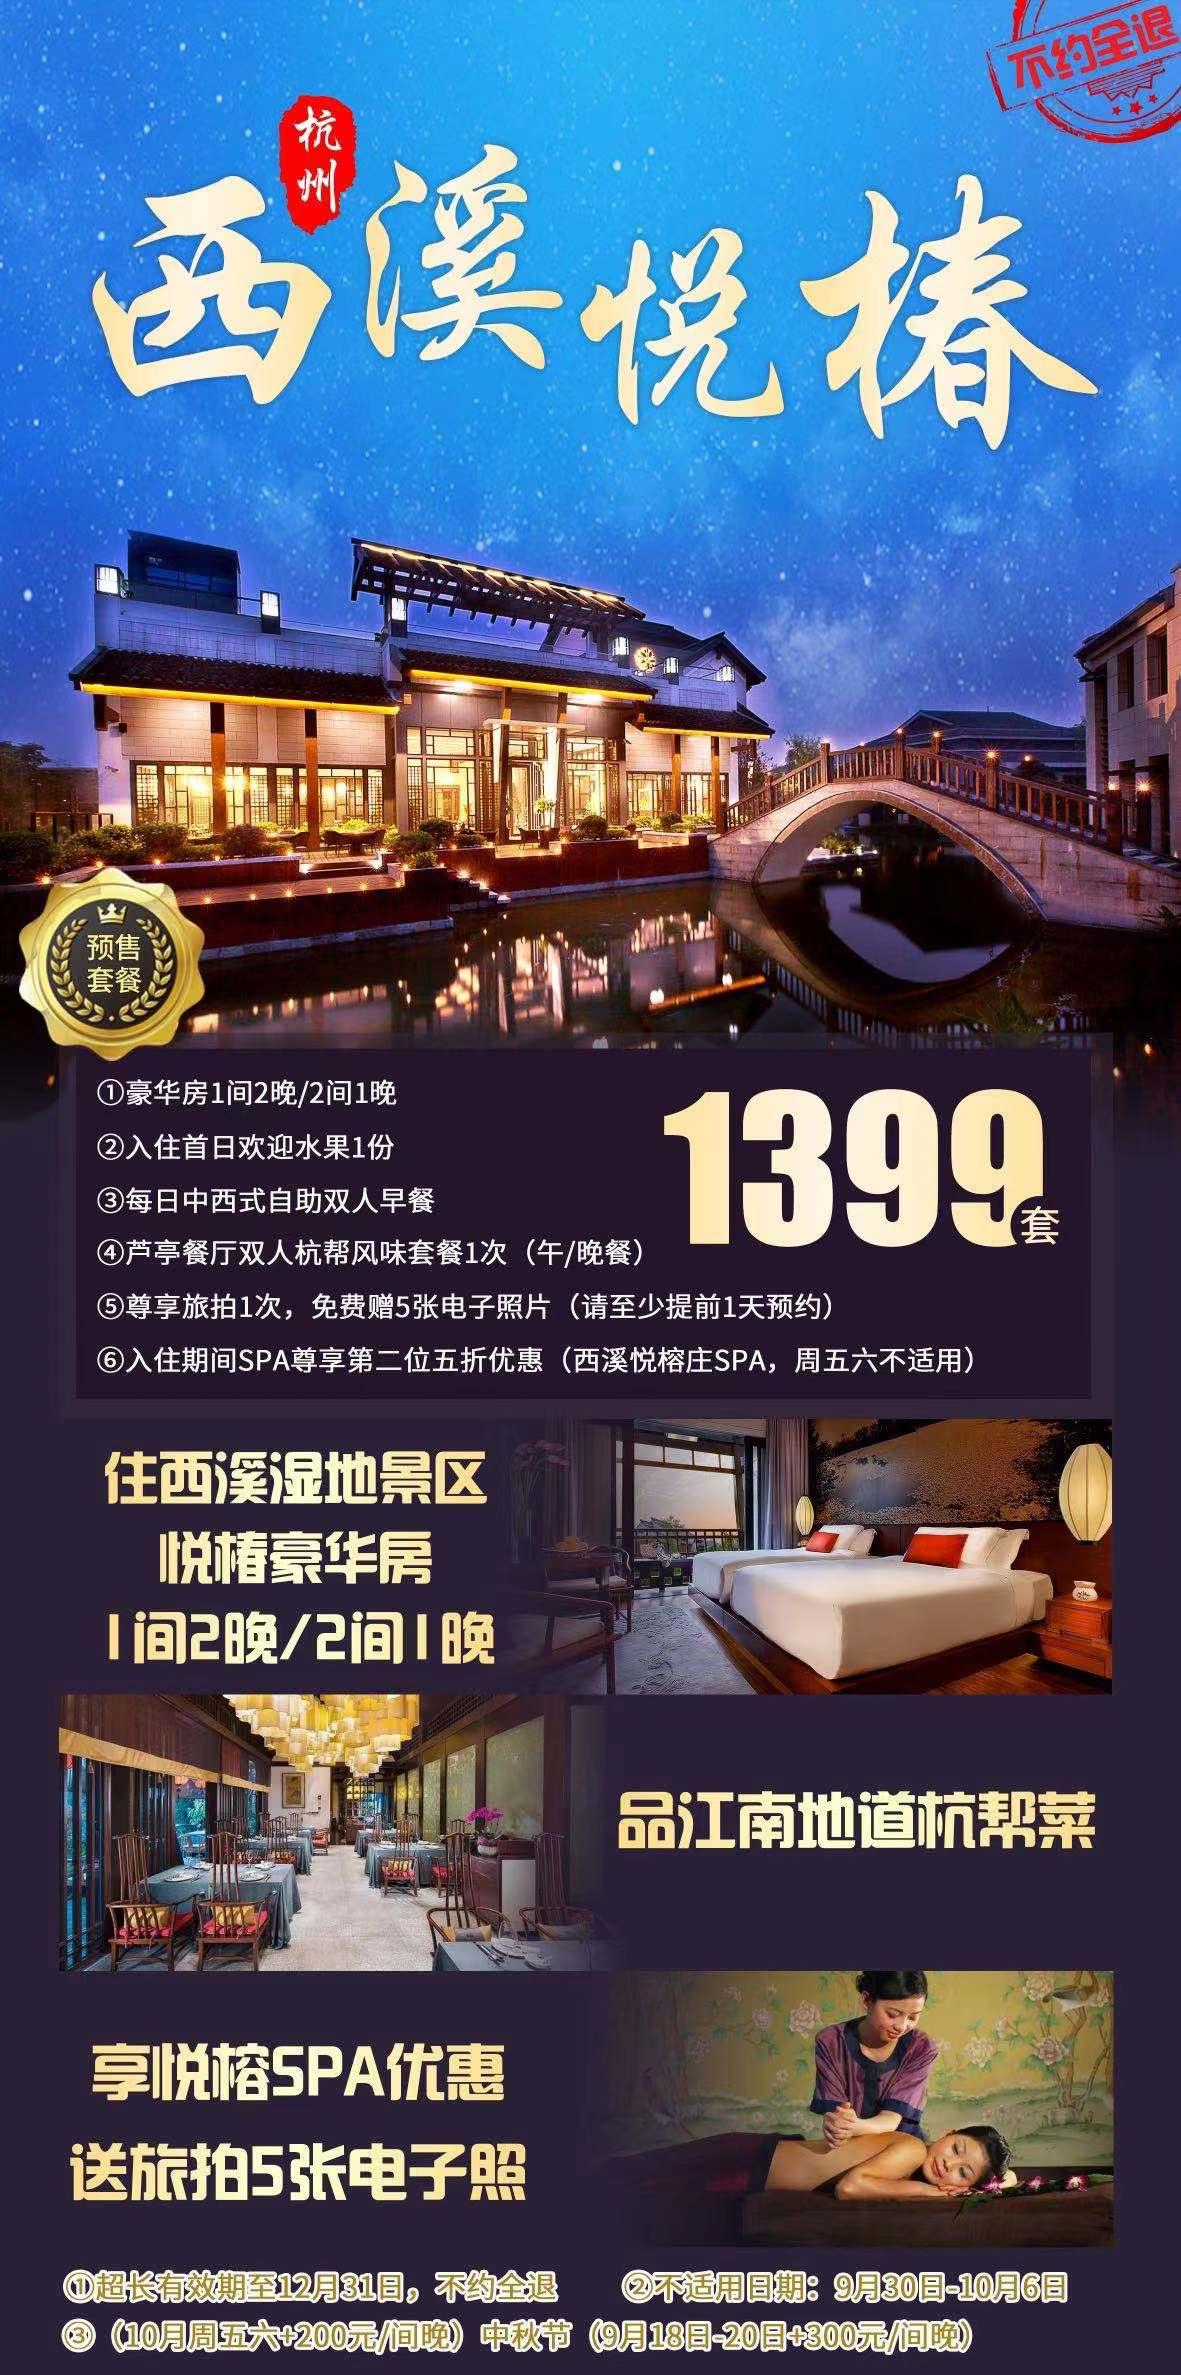 【优行·国旅】游玩攻略—悦榕庄集团酒店奖励旅游篇